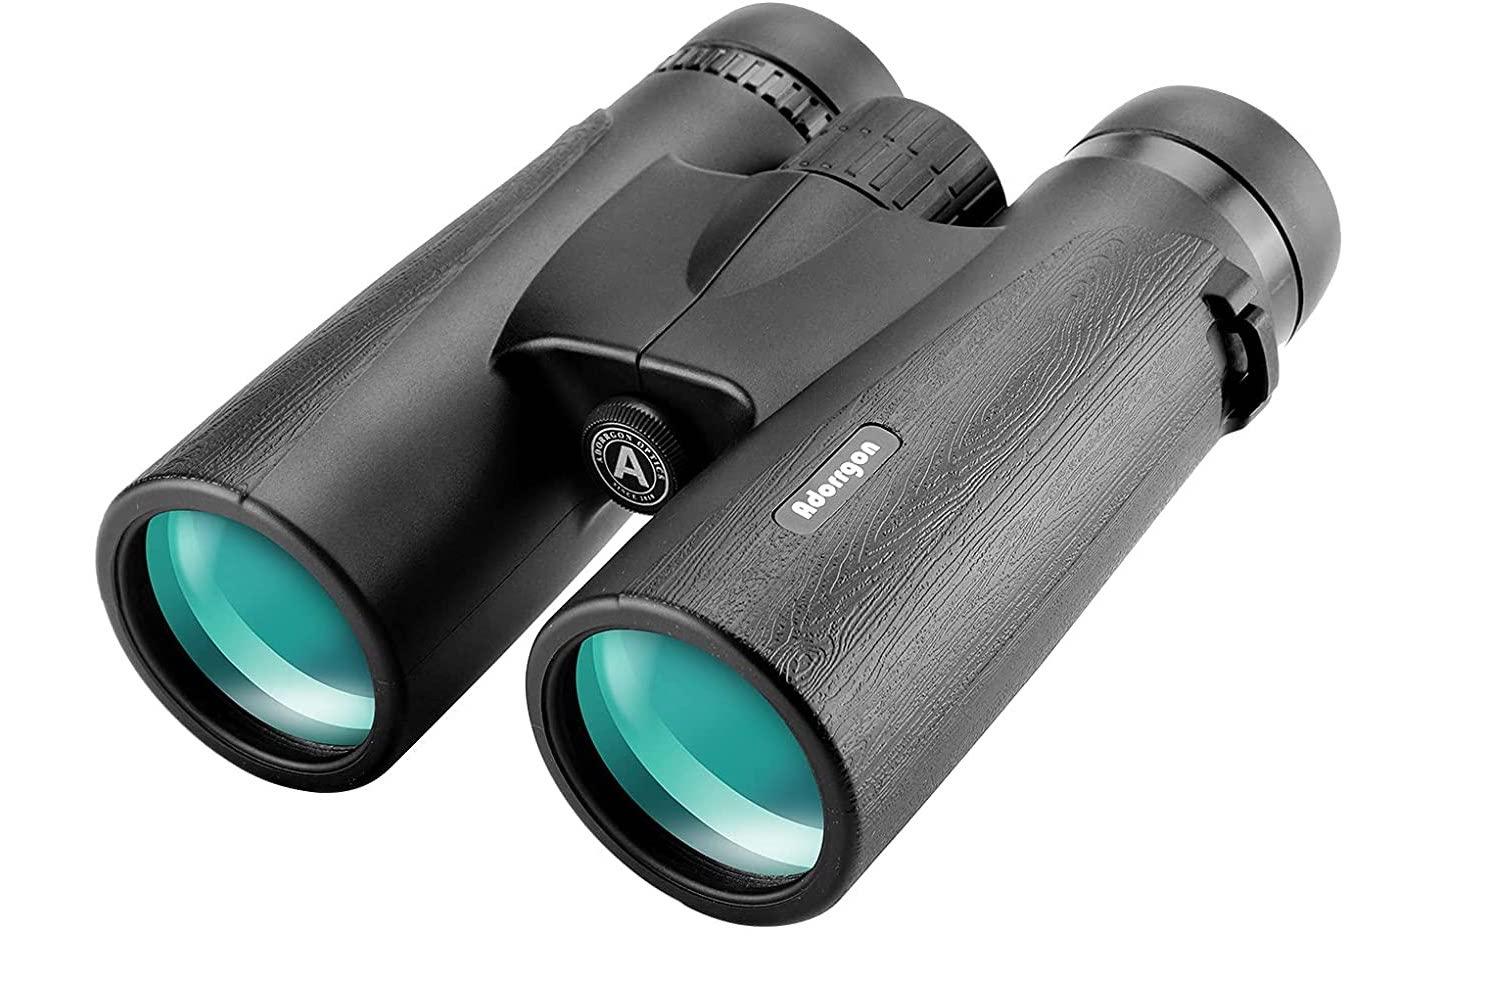 High-tech binoculars